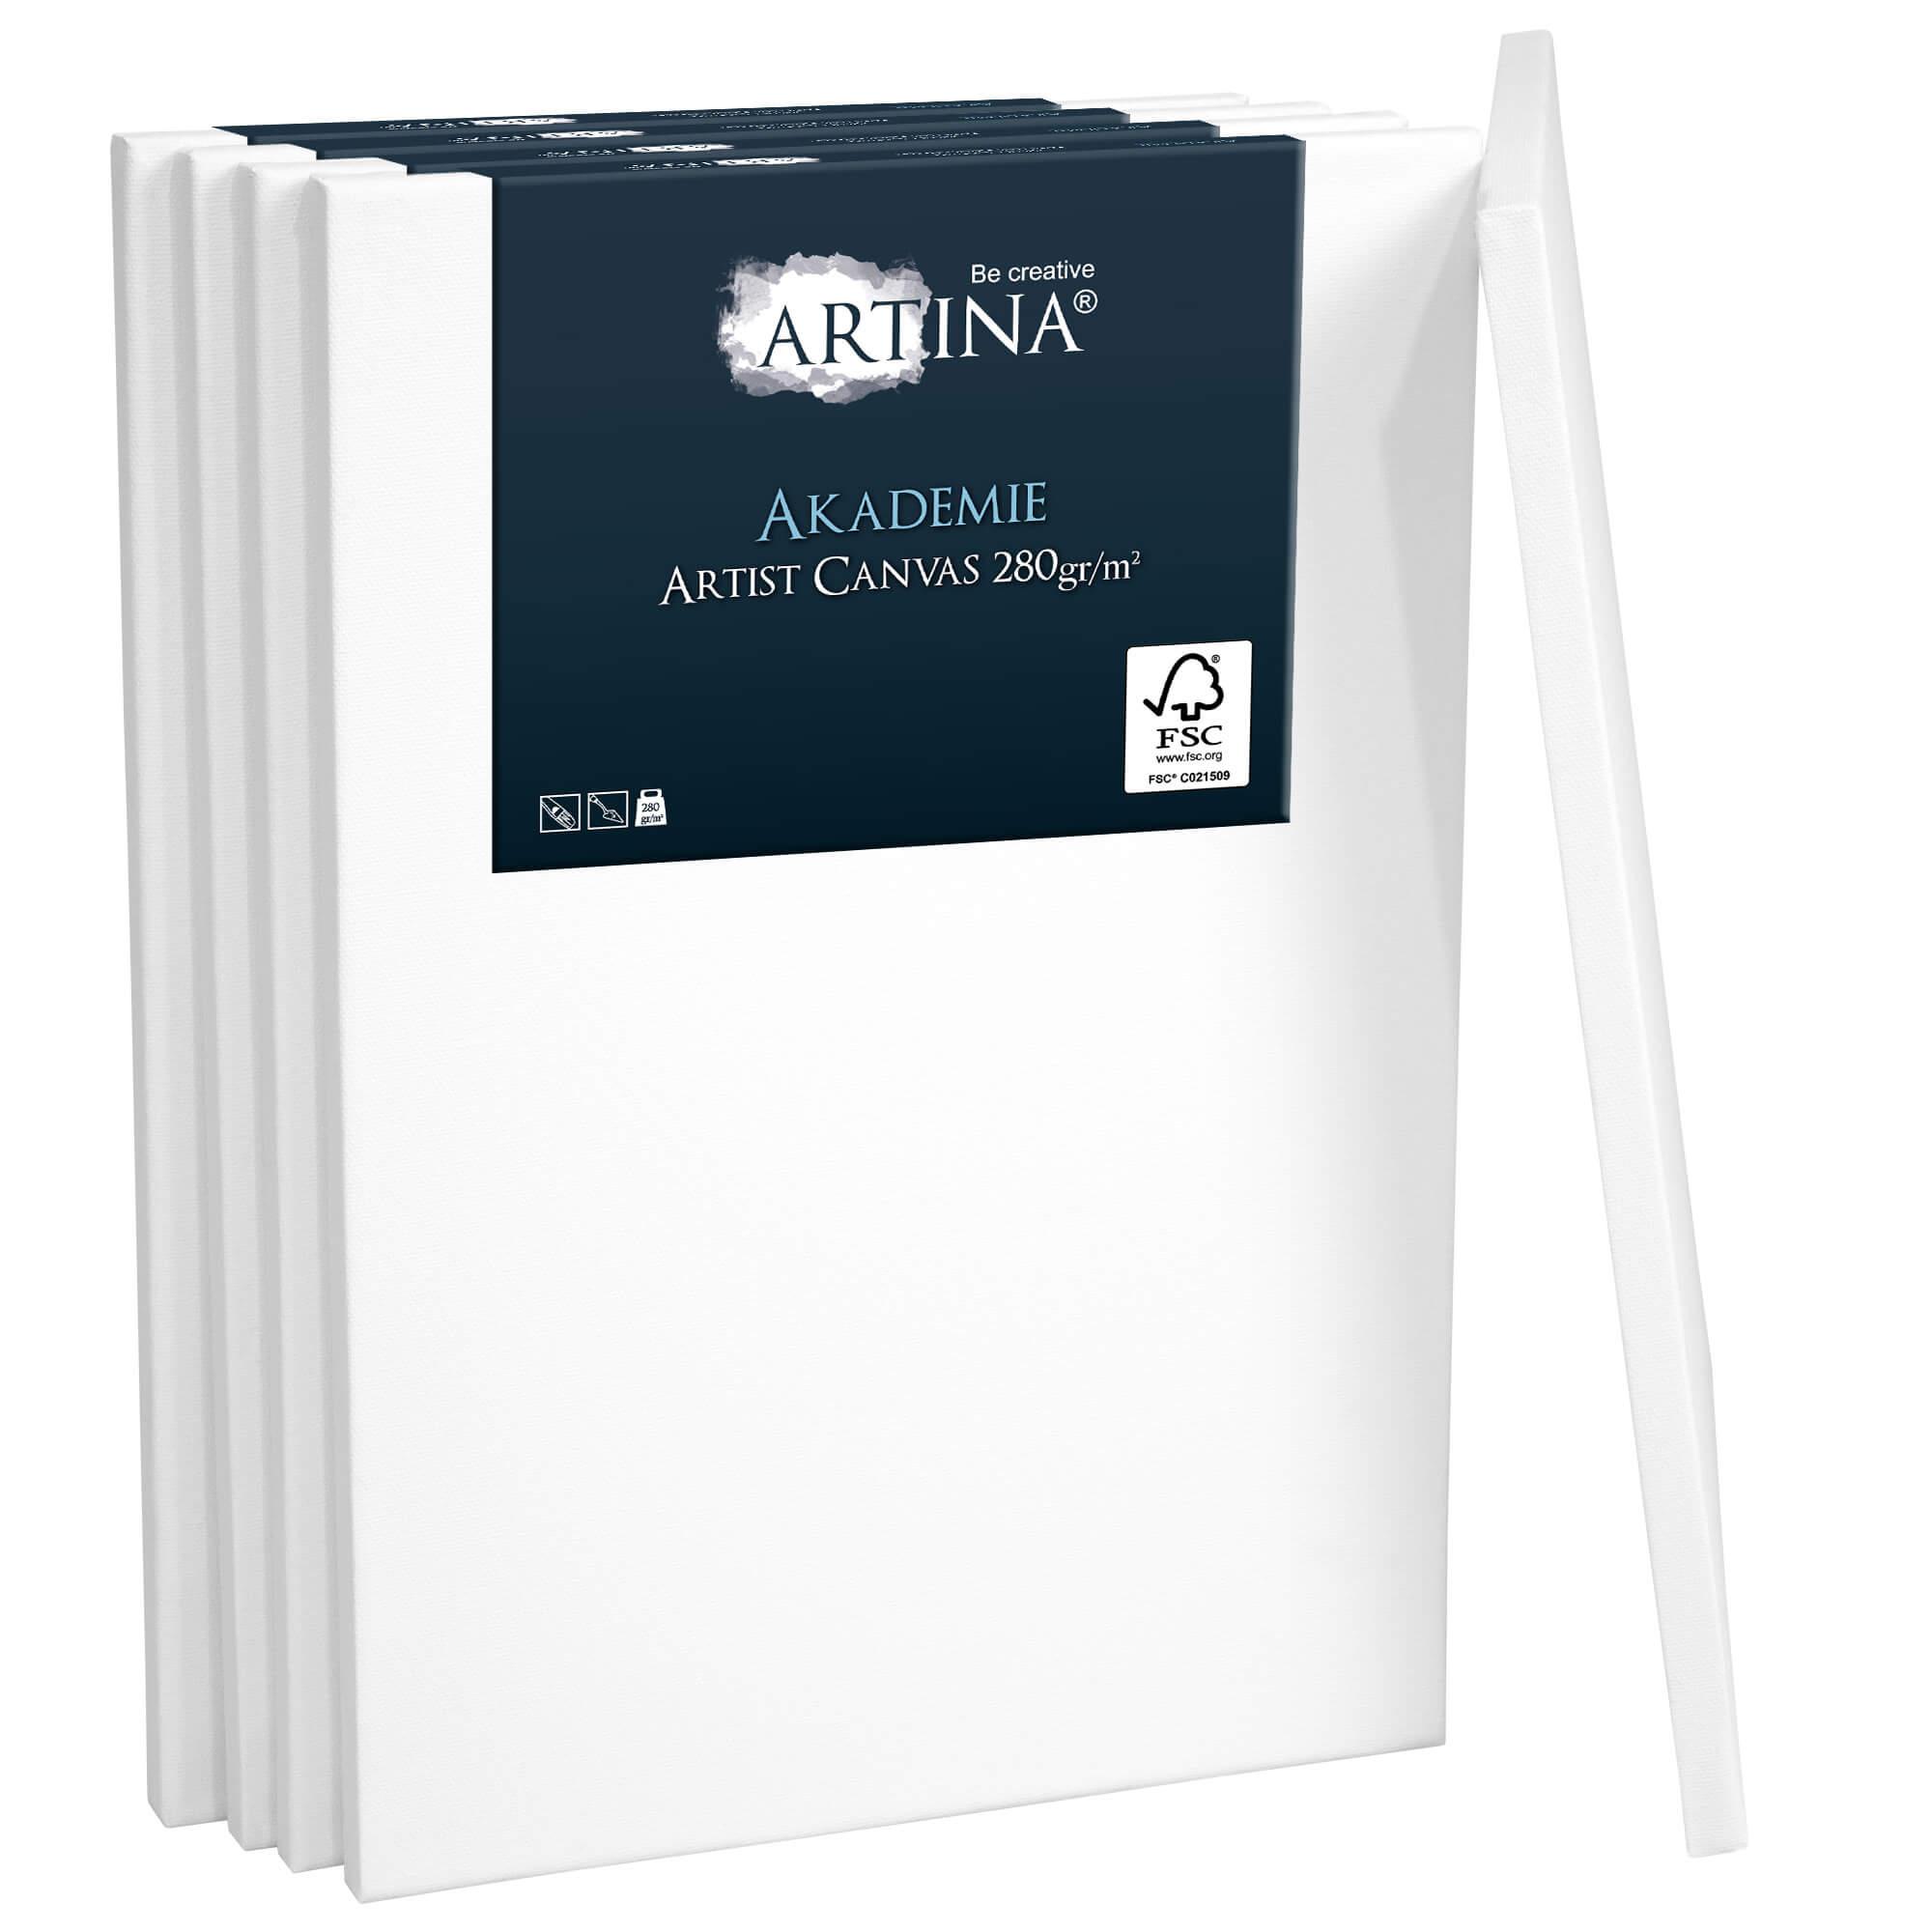 5er Set Artina Akademie Leinwand auf Keilrahmen 280g/m² – 20x50cm